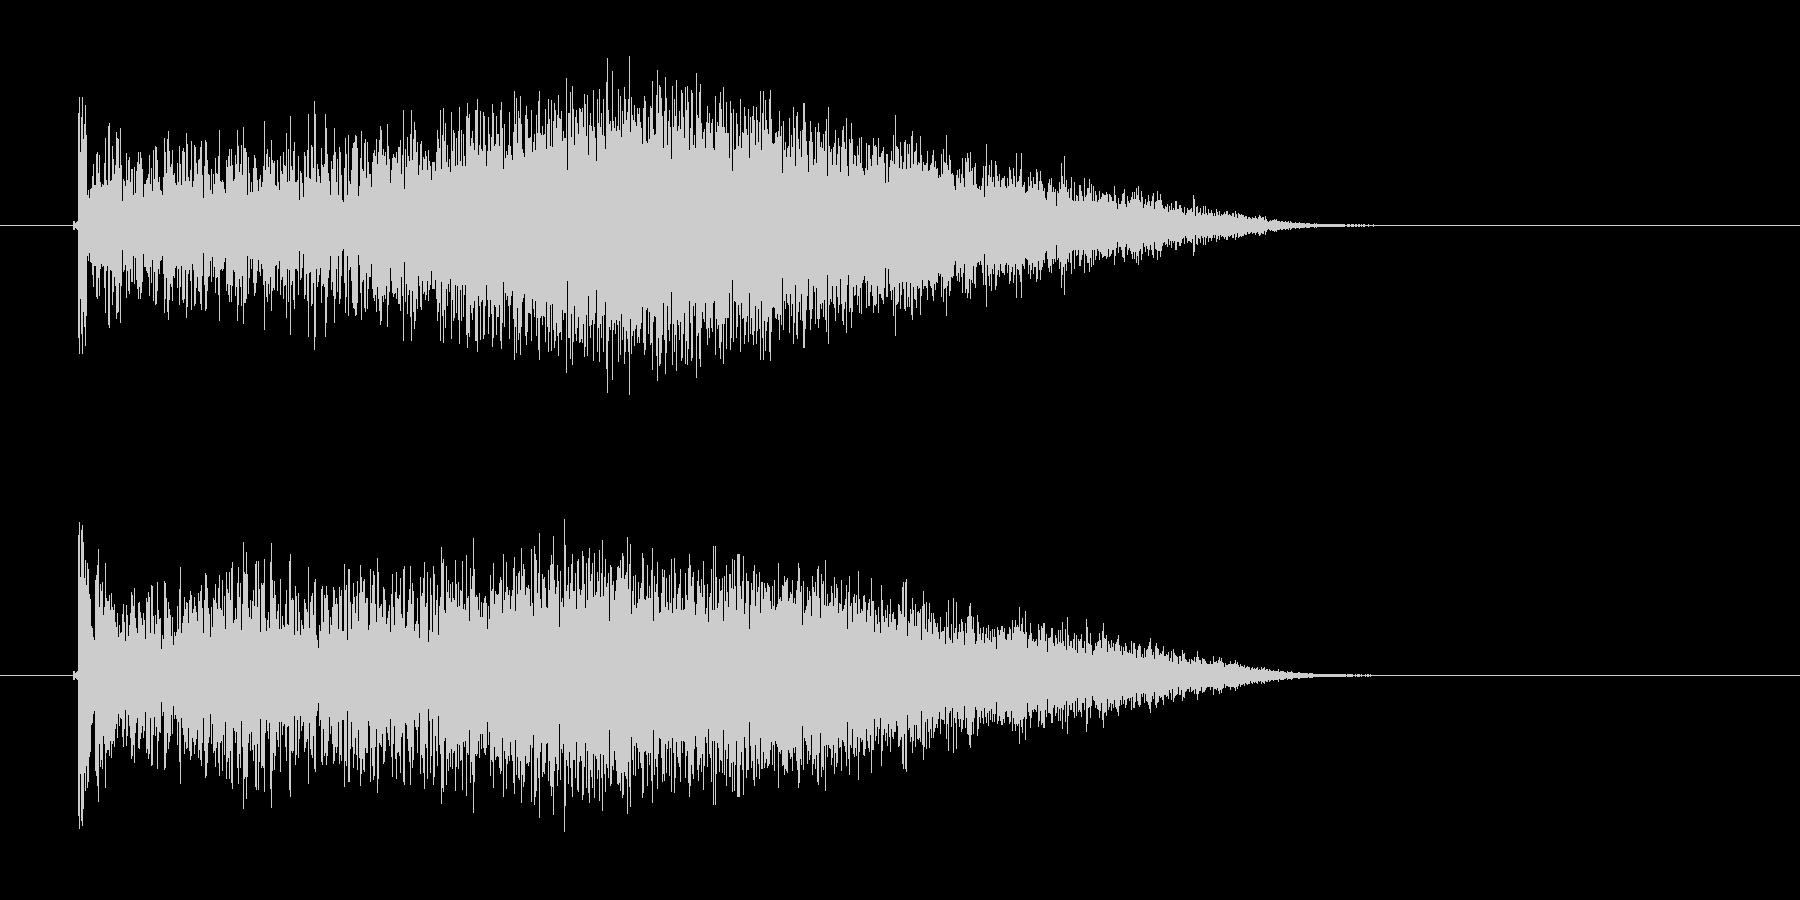 クォーー(風が吹き付けるような音)の未再生の波形